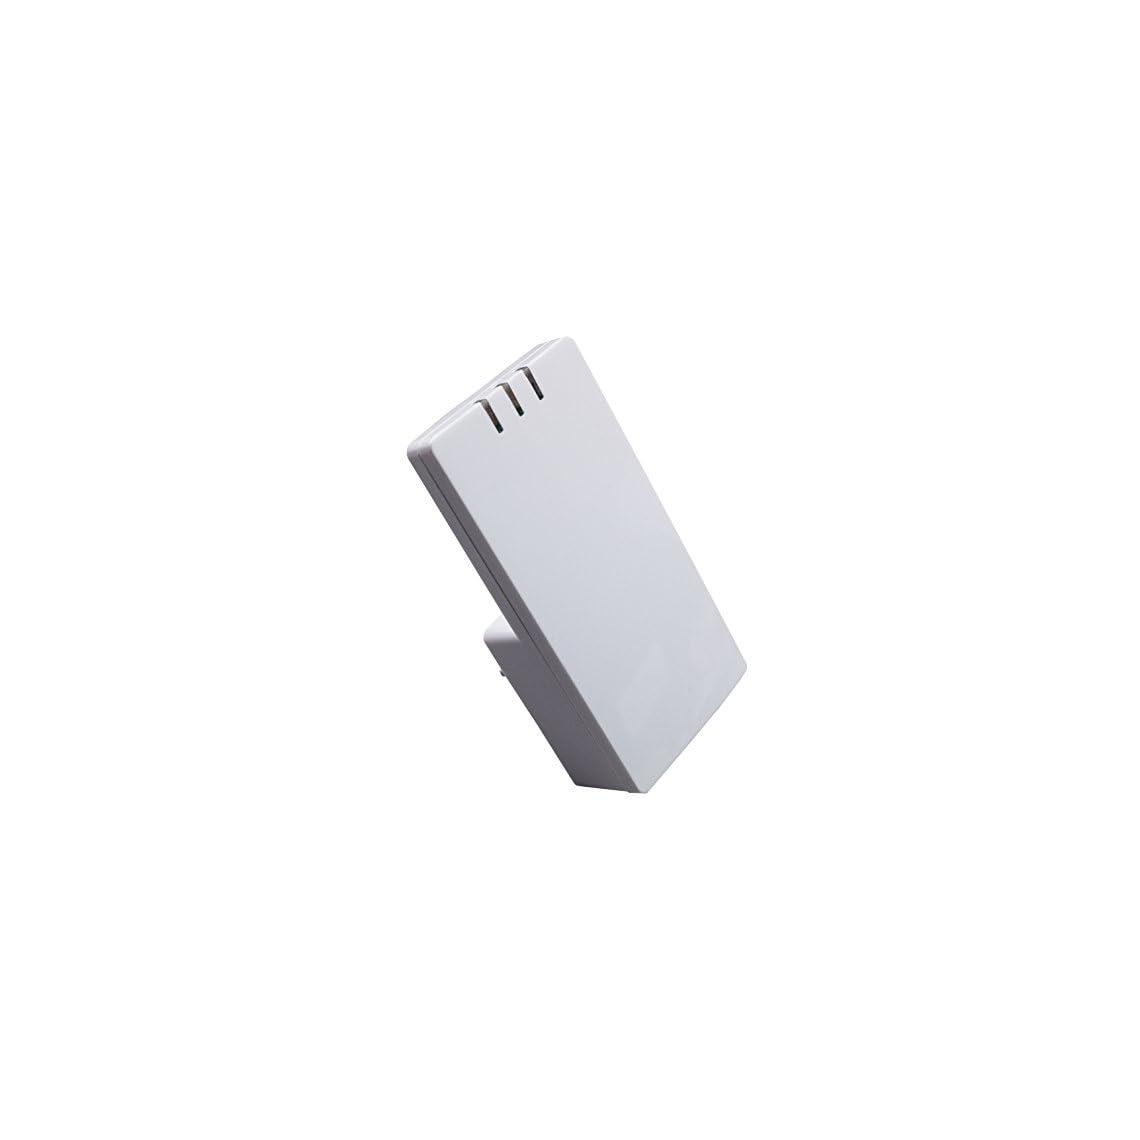 31fESog0viL. SS1140  - Wantec DECT DTL 2.0 t-a/b-Adapter (CAT-iq 2.0 fähig) im Netzsteckergehäuse